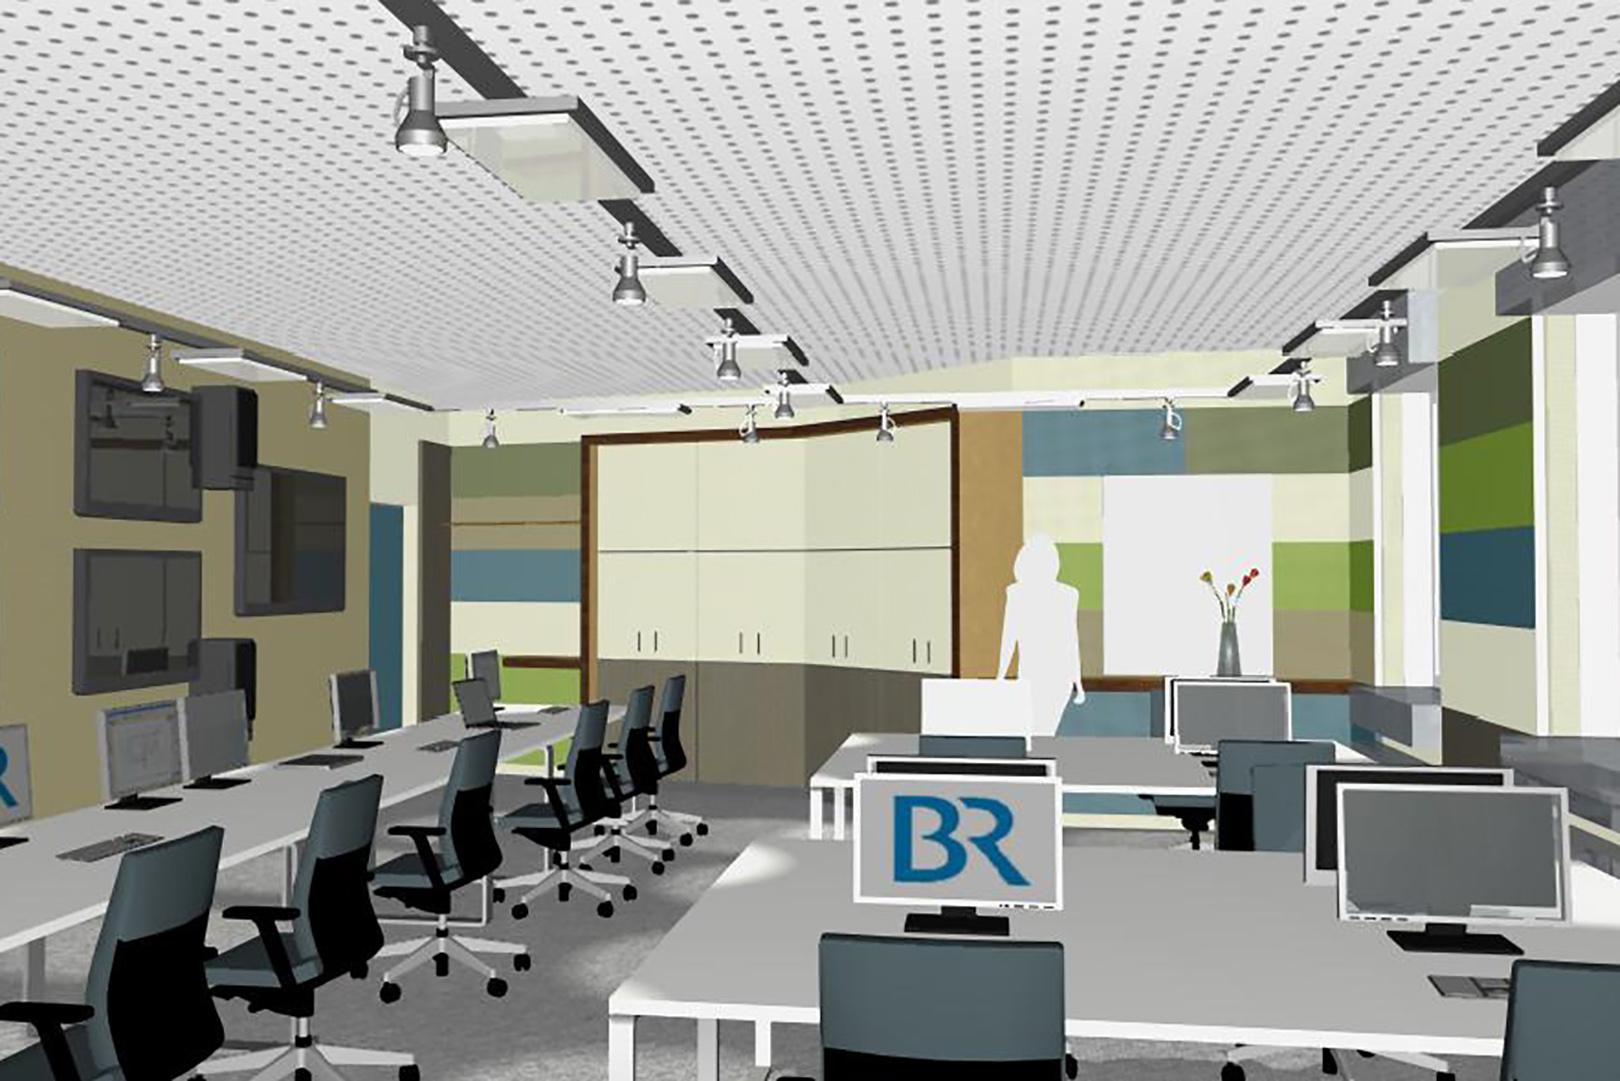 Umbau Regieräume Bayerischer Rundfunk: Fertigstellung 2011